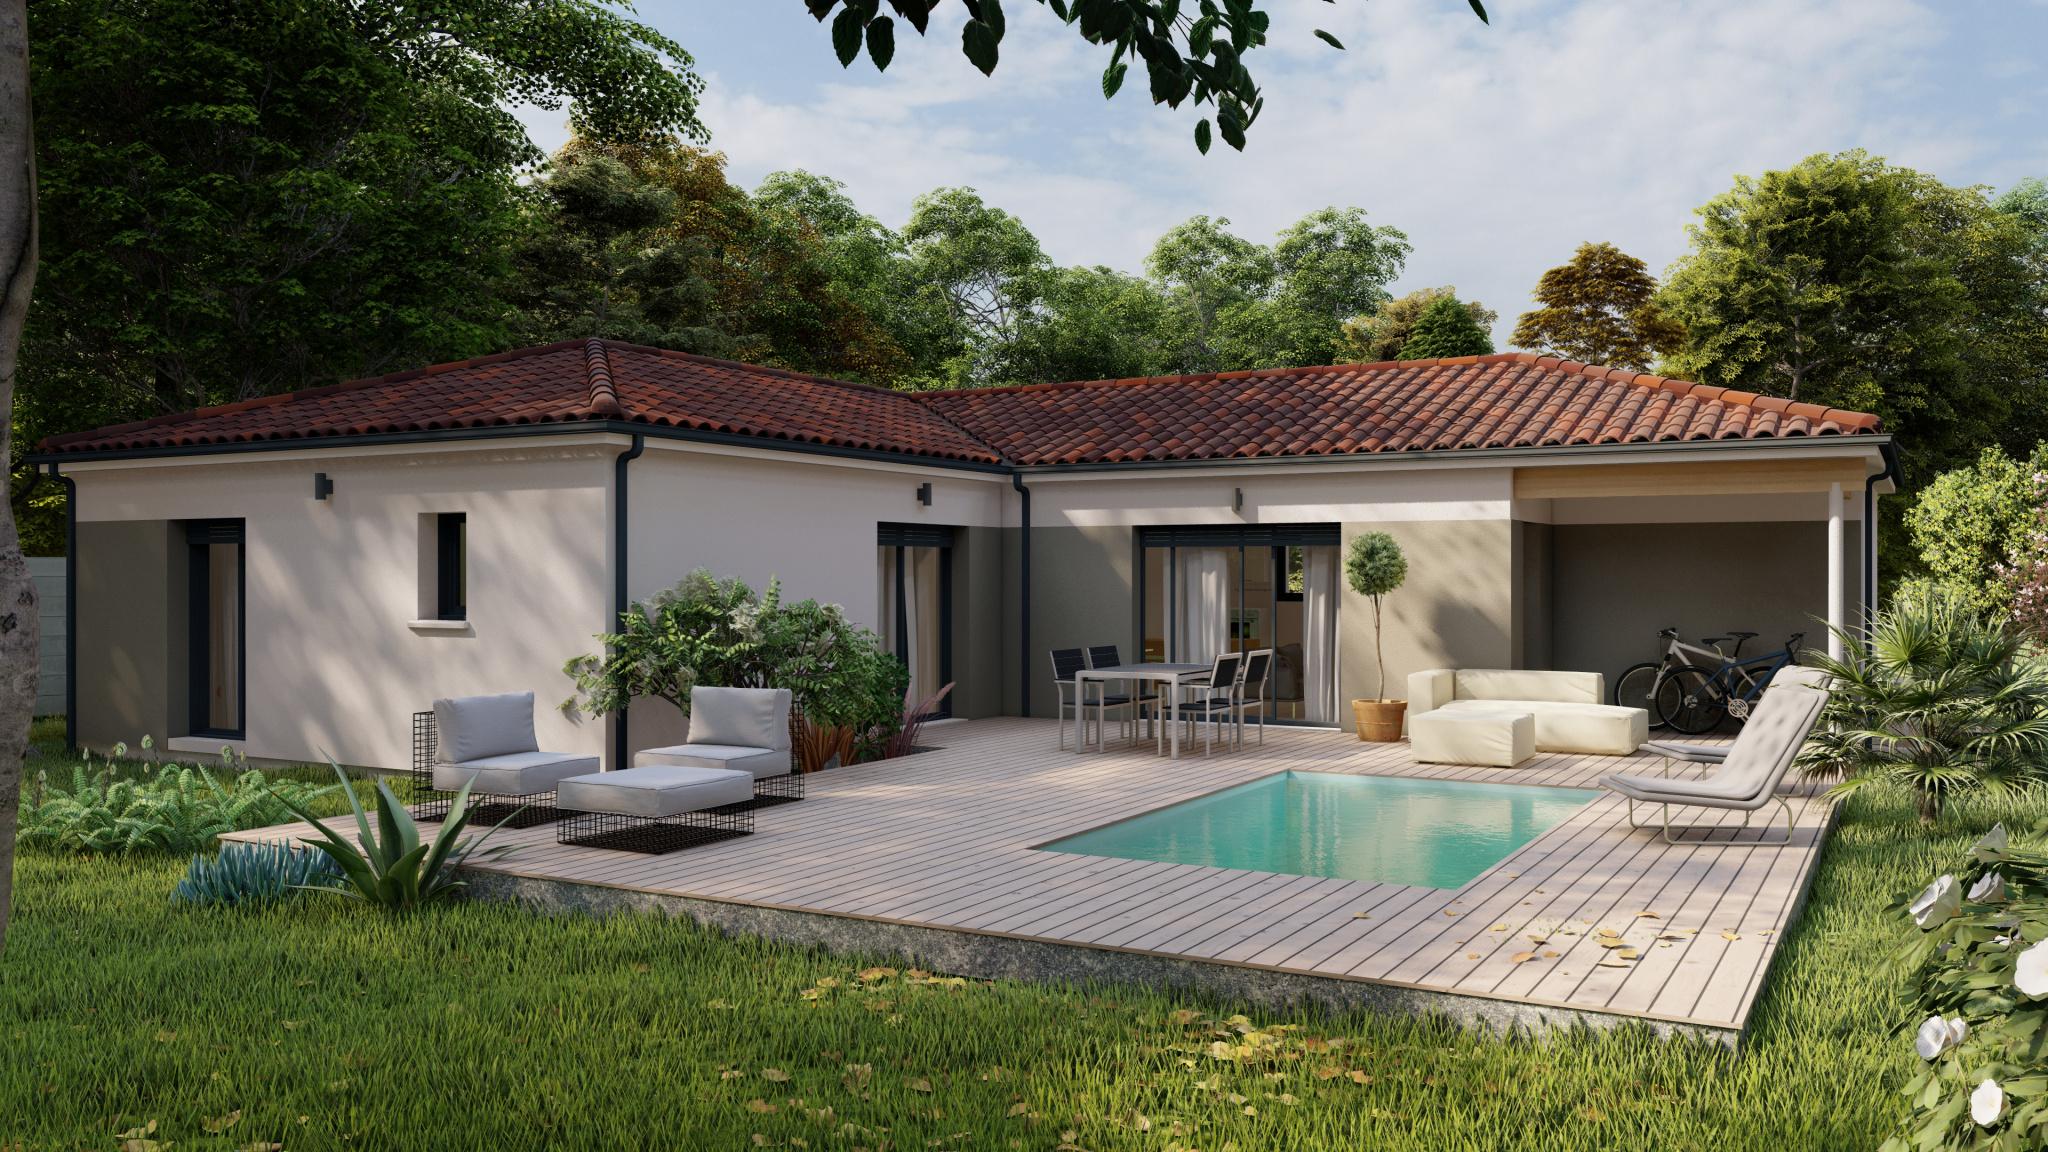 Vente maison à Amou (40330) de 120 m2 habitable sur terrain de 905 m2